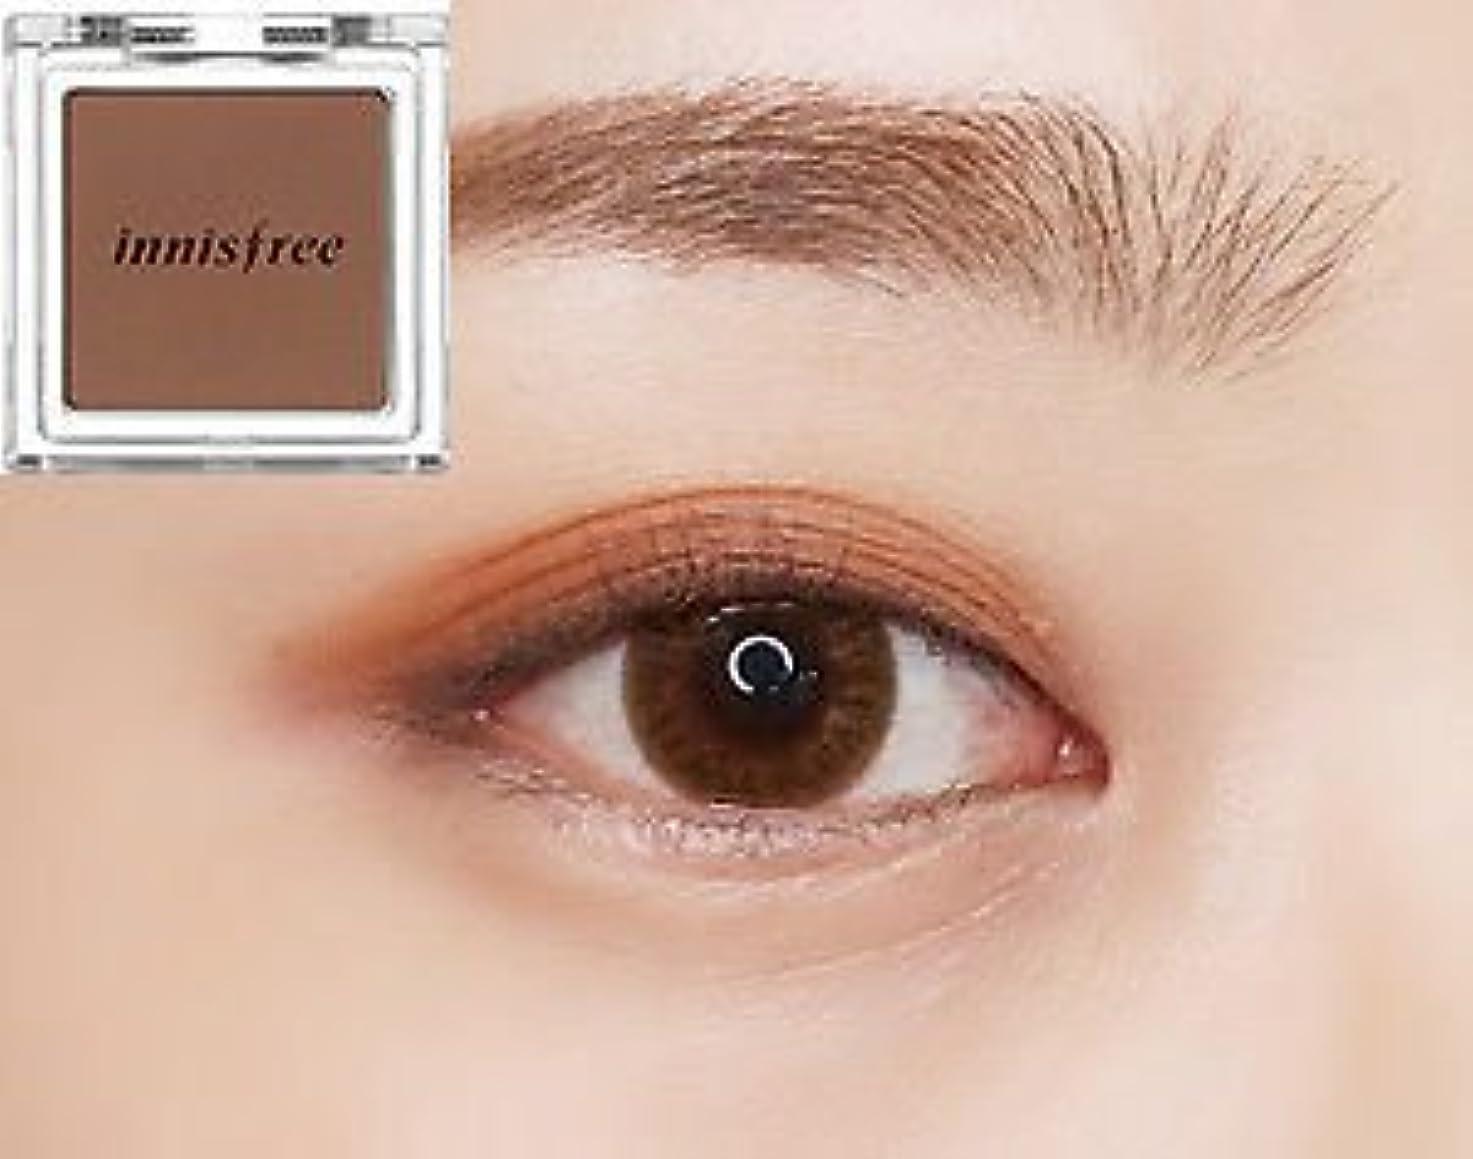 [イニスフリー] innisfree [マイ パレット マイ アイシャドウ (マット) 40カラー] MY PALETTE My Eyeshadow (Matte) 40 Shades [海外直送品] (マット #20)